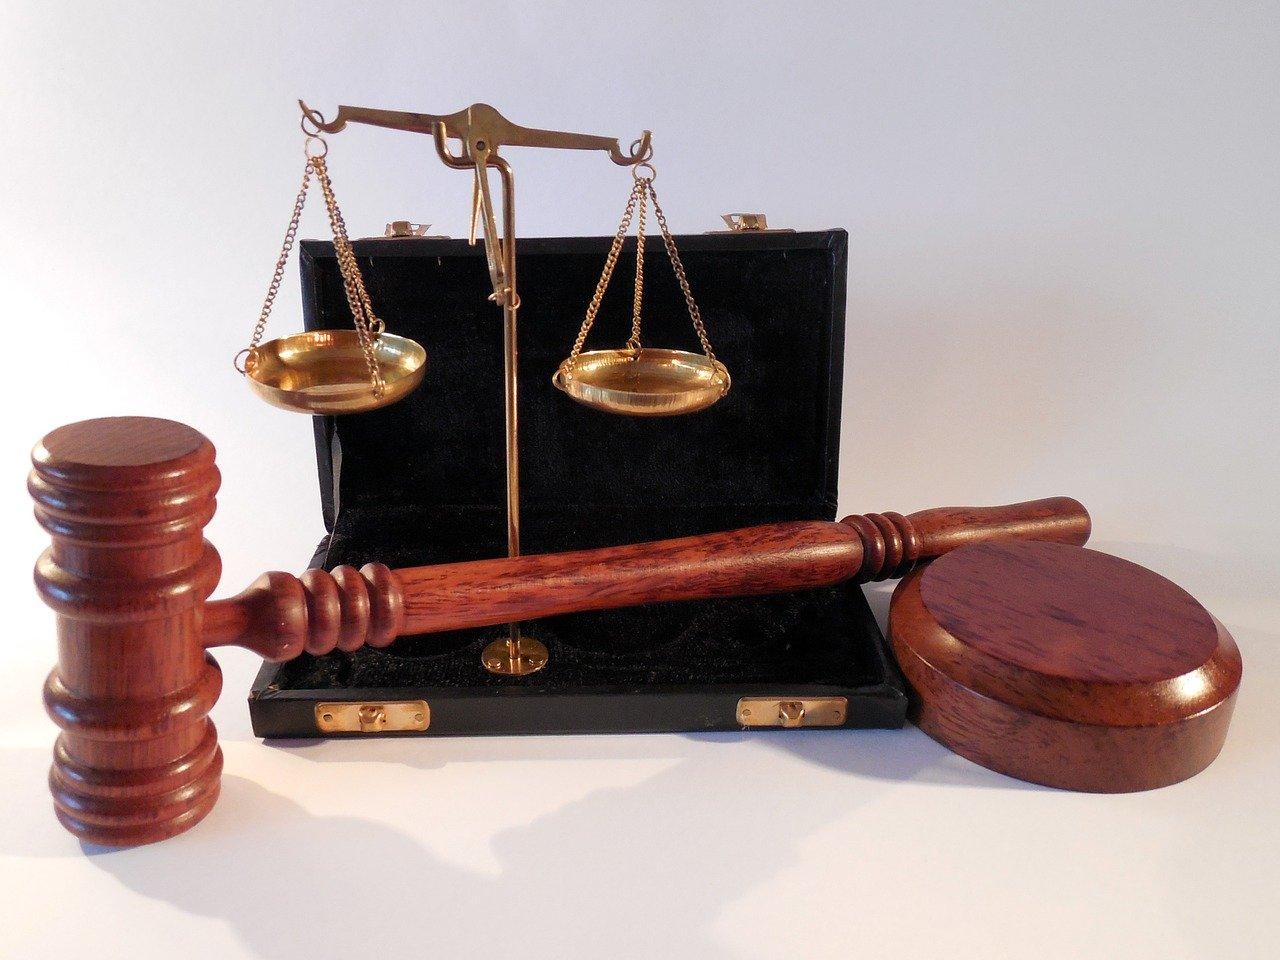 Domicilio digitale avvocati quando scatta la sospensione dall'albo